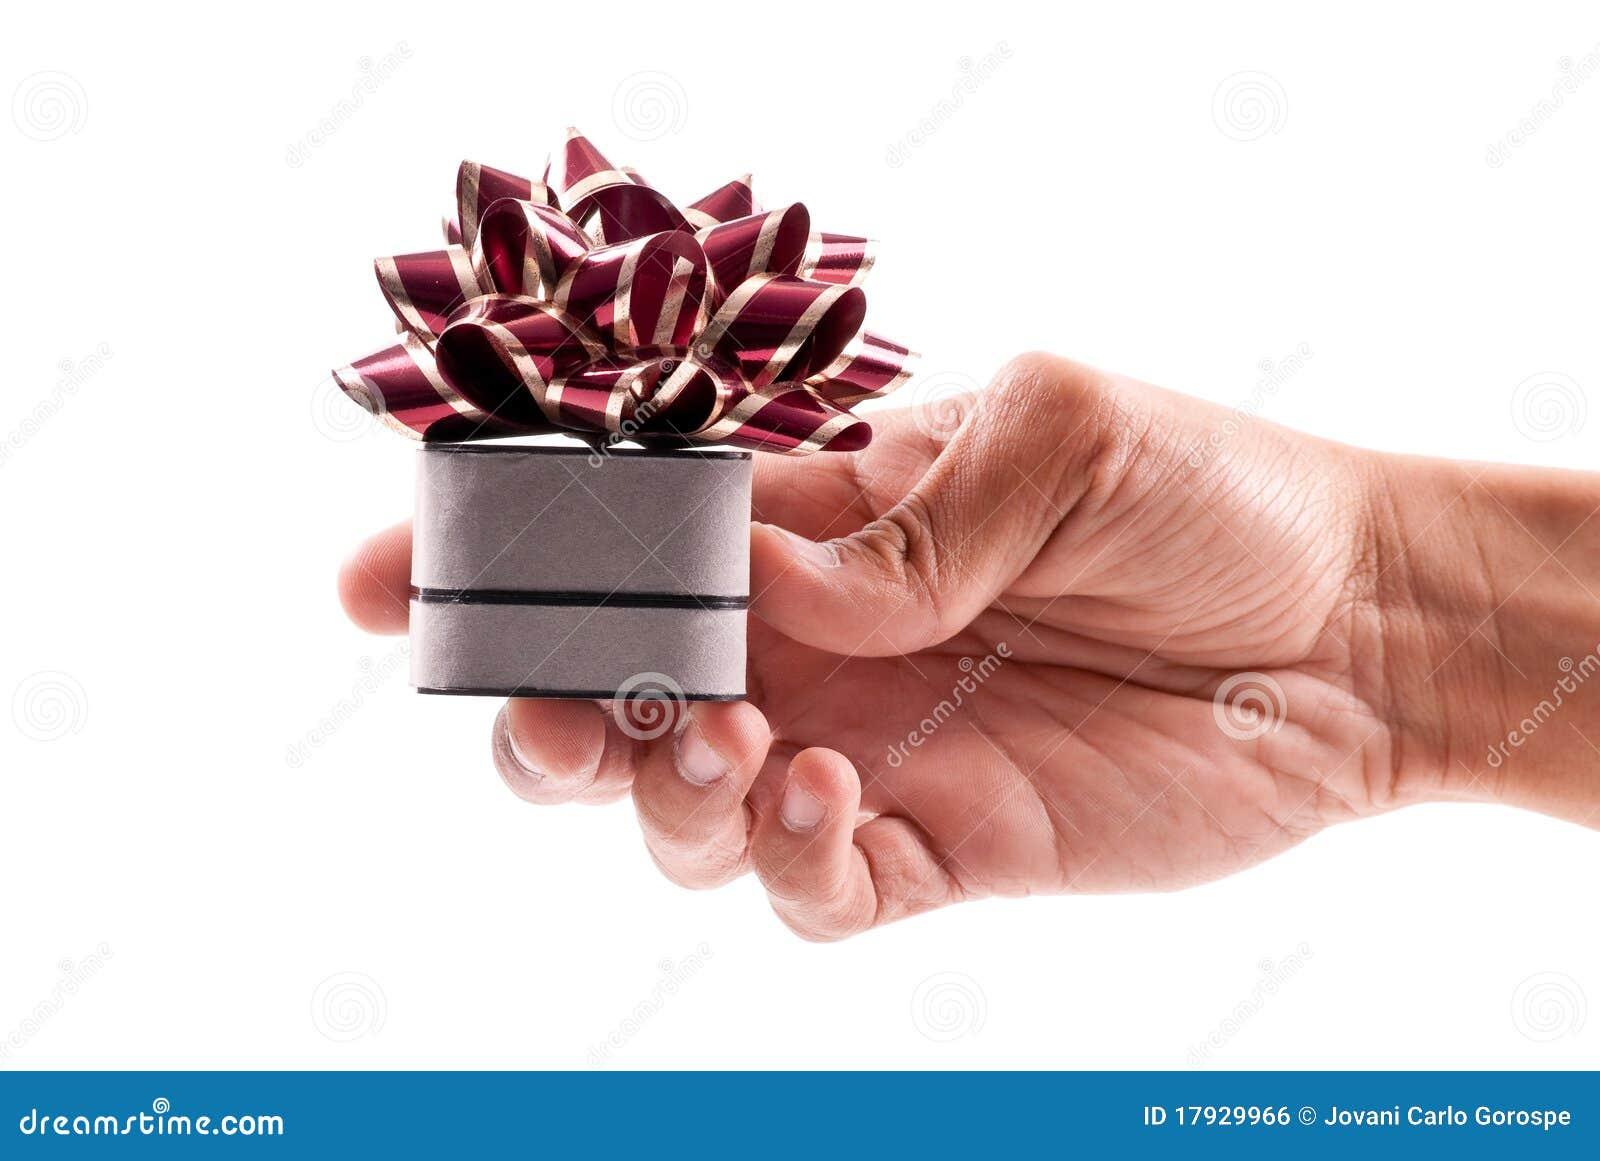 Dare il regalo di amore